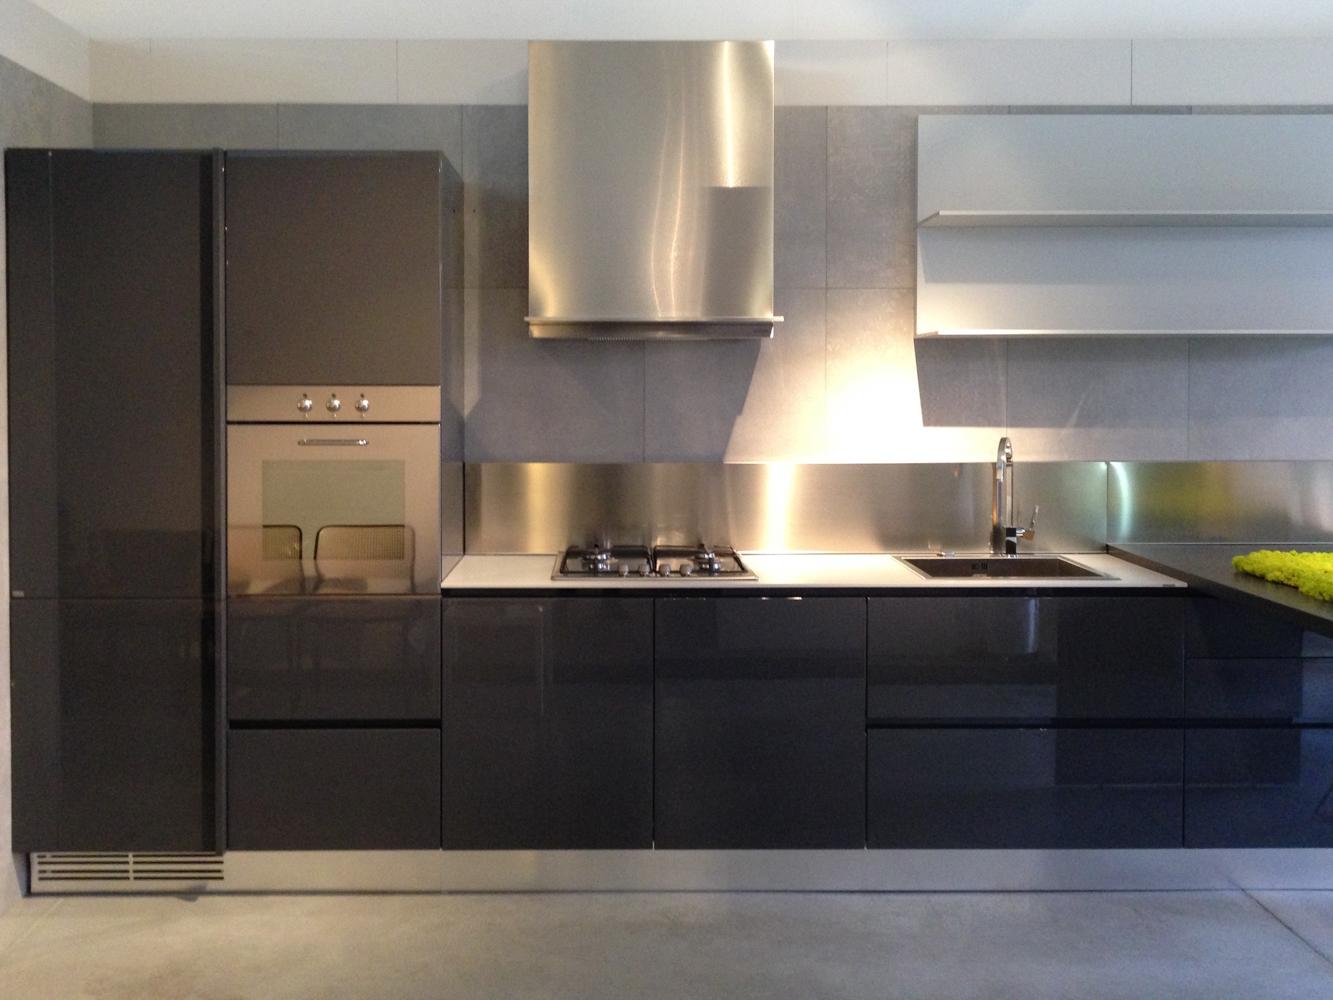 Cucina con penisola ernestomeda modello emetrica super for Penisola da cucina